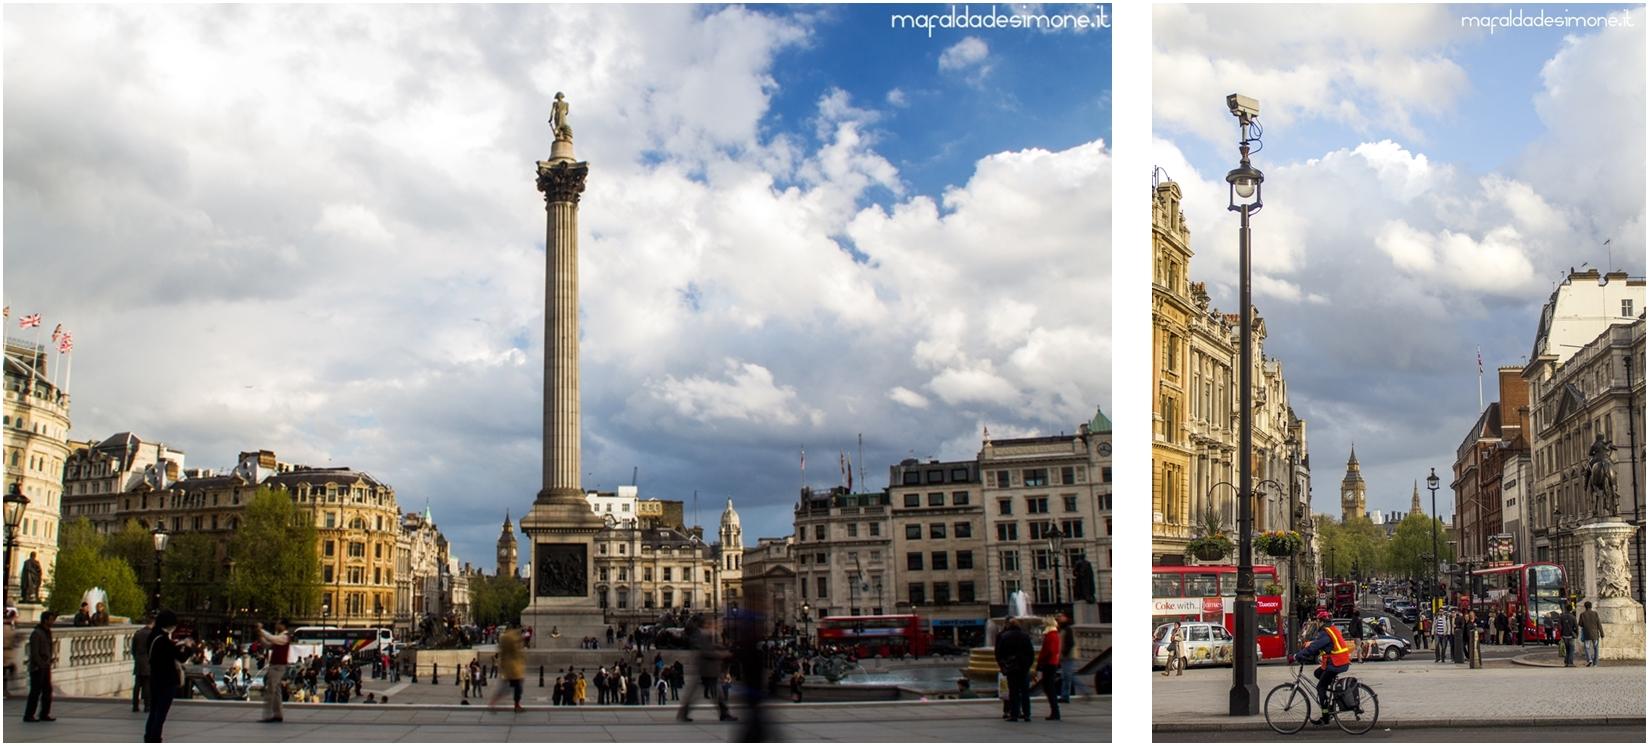 Trafalgar Square, London - Canon Eos 550D - Mafalda de Simone